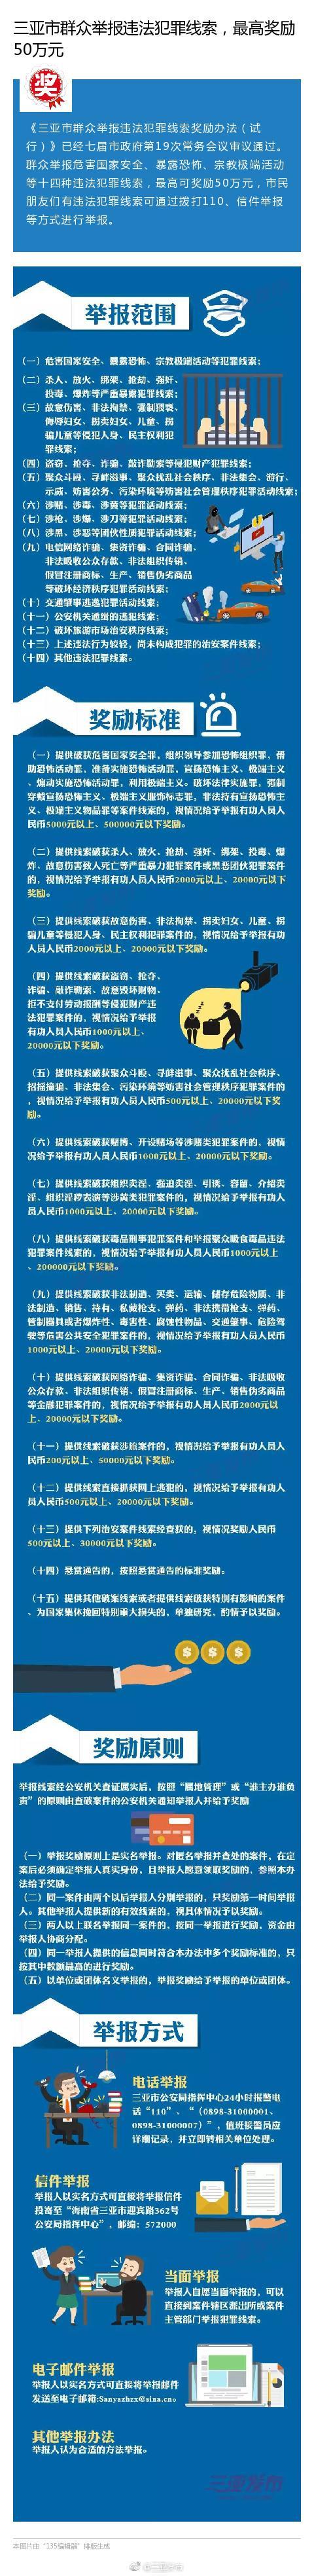 三亚市群众举报违法犯罪线索 最高可奖励50万元